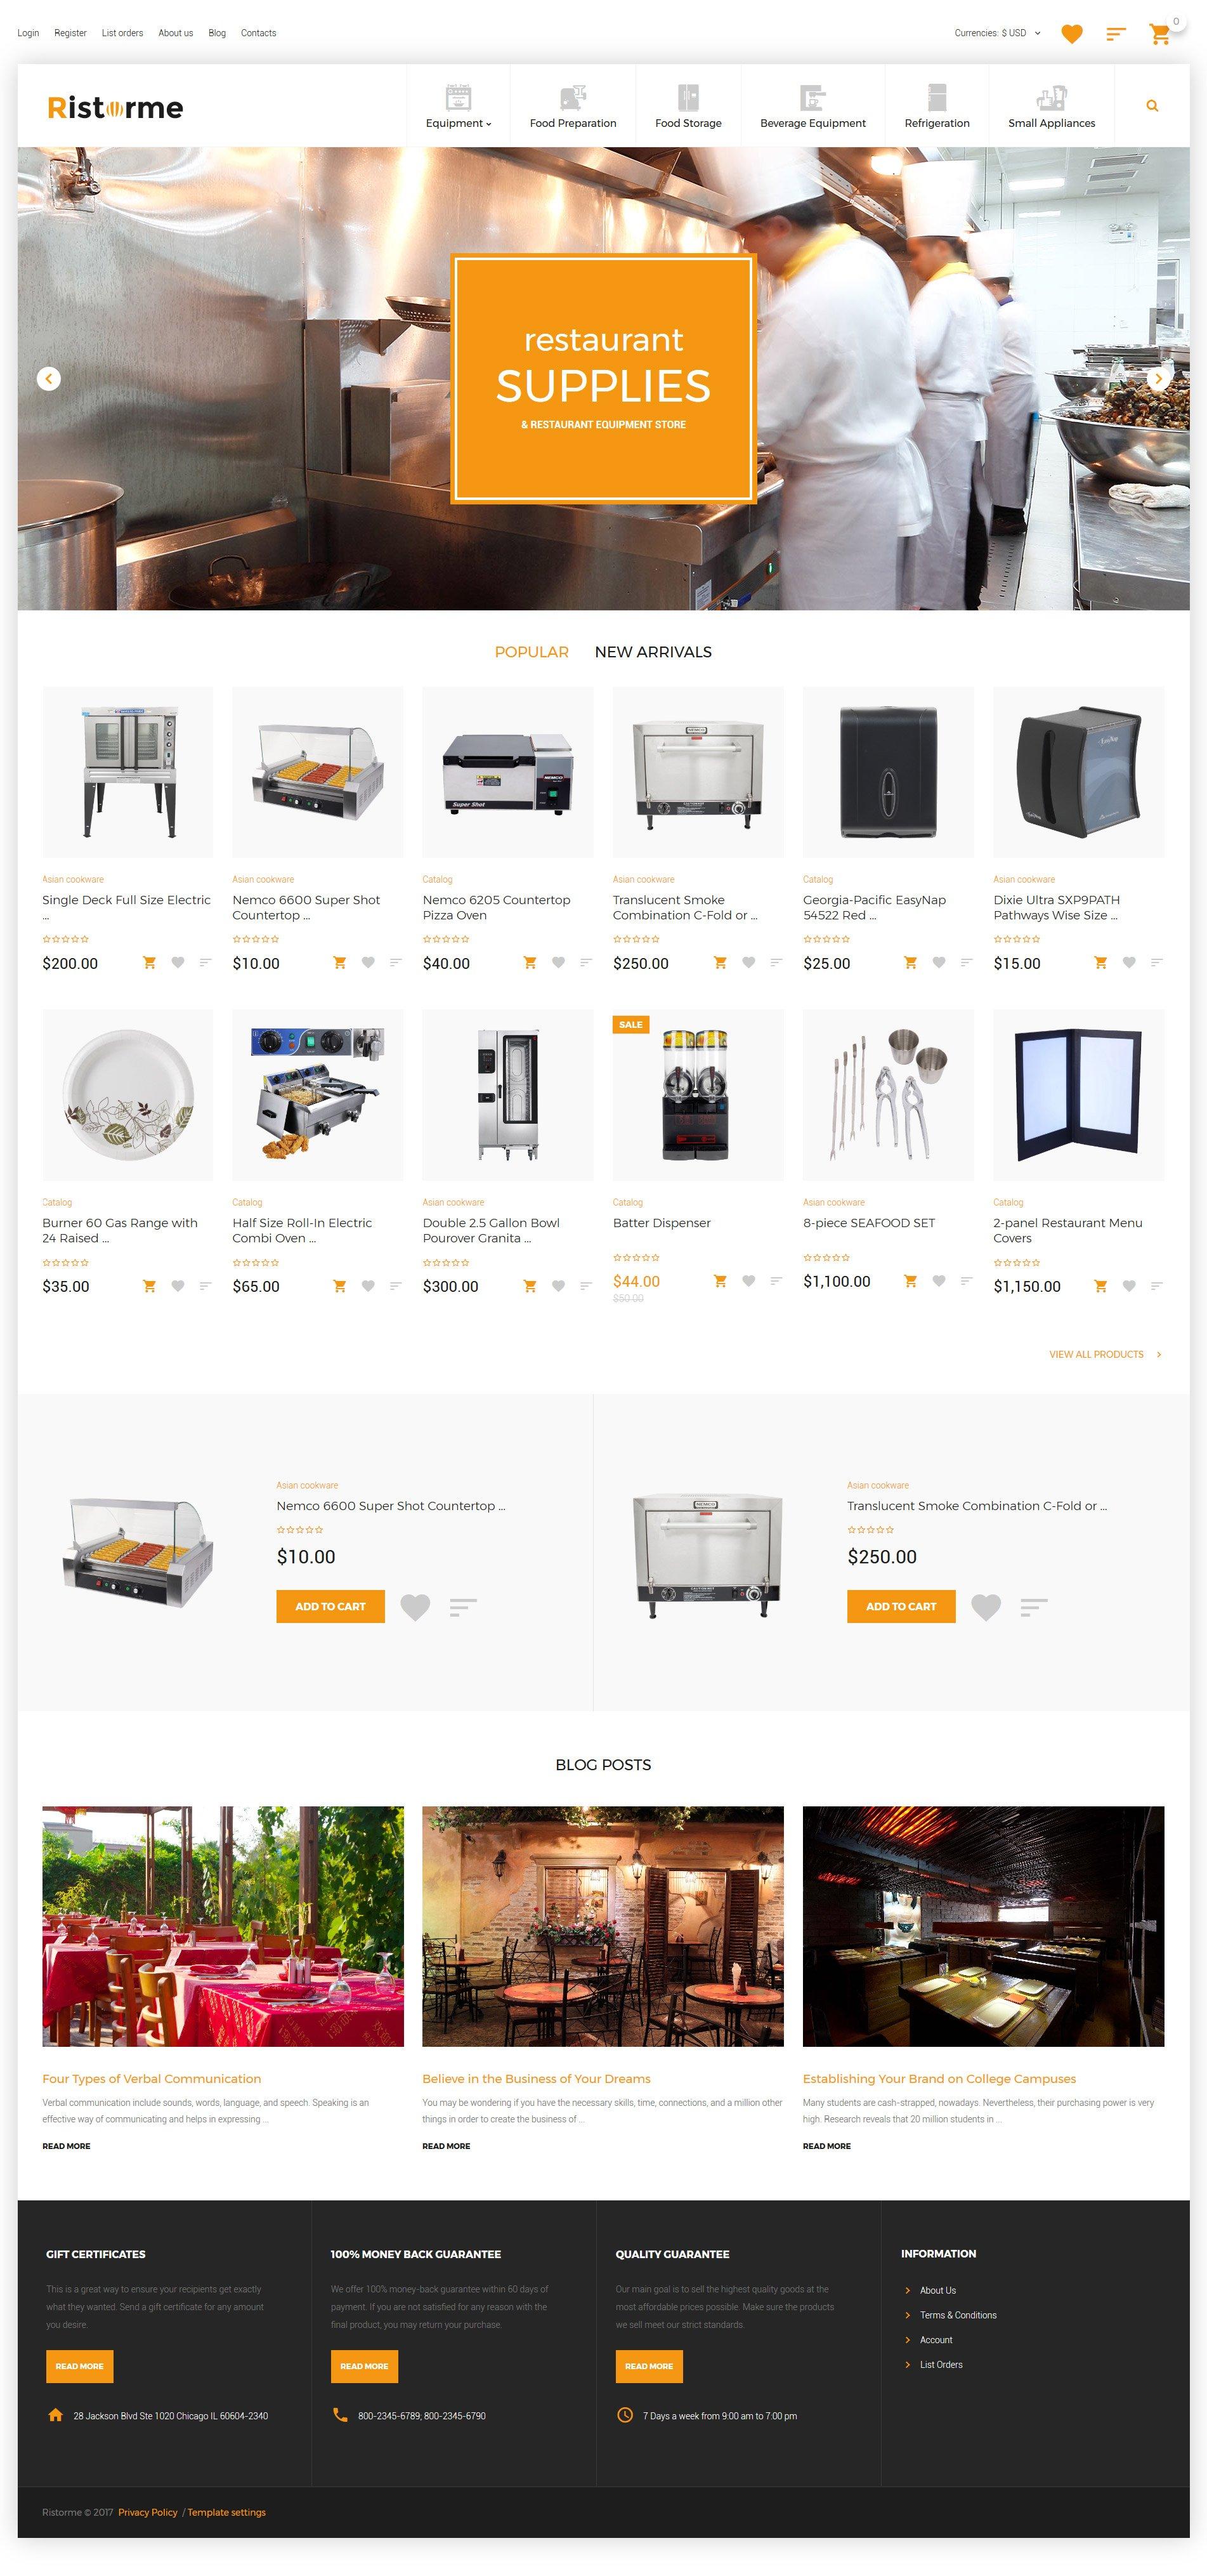 Restaurant Supplies №63373